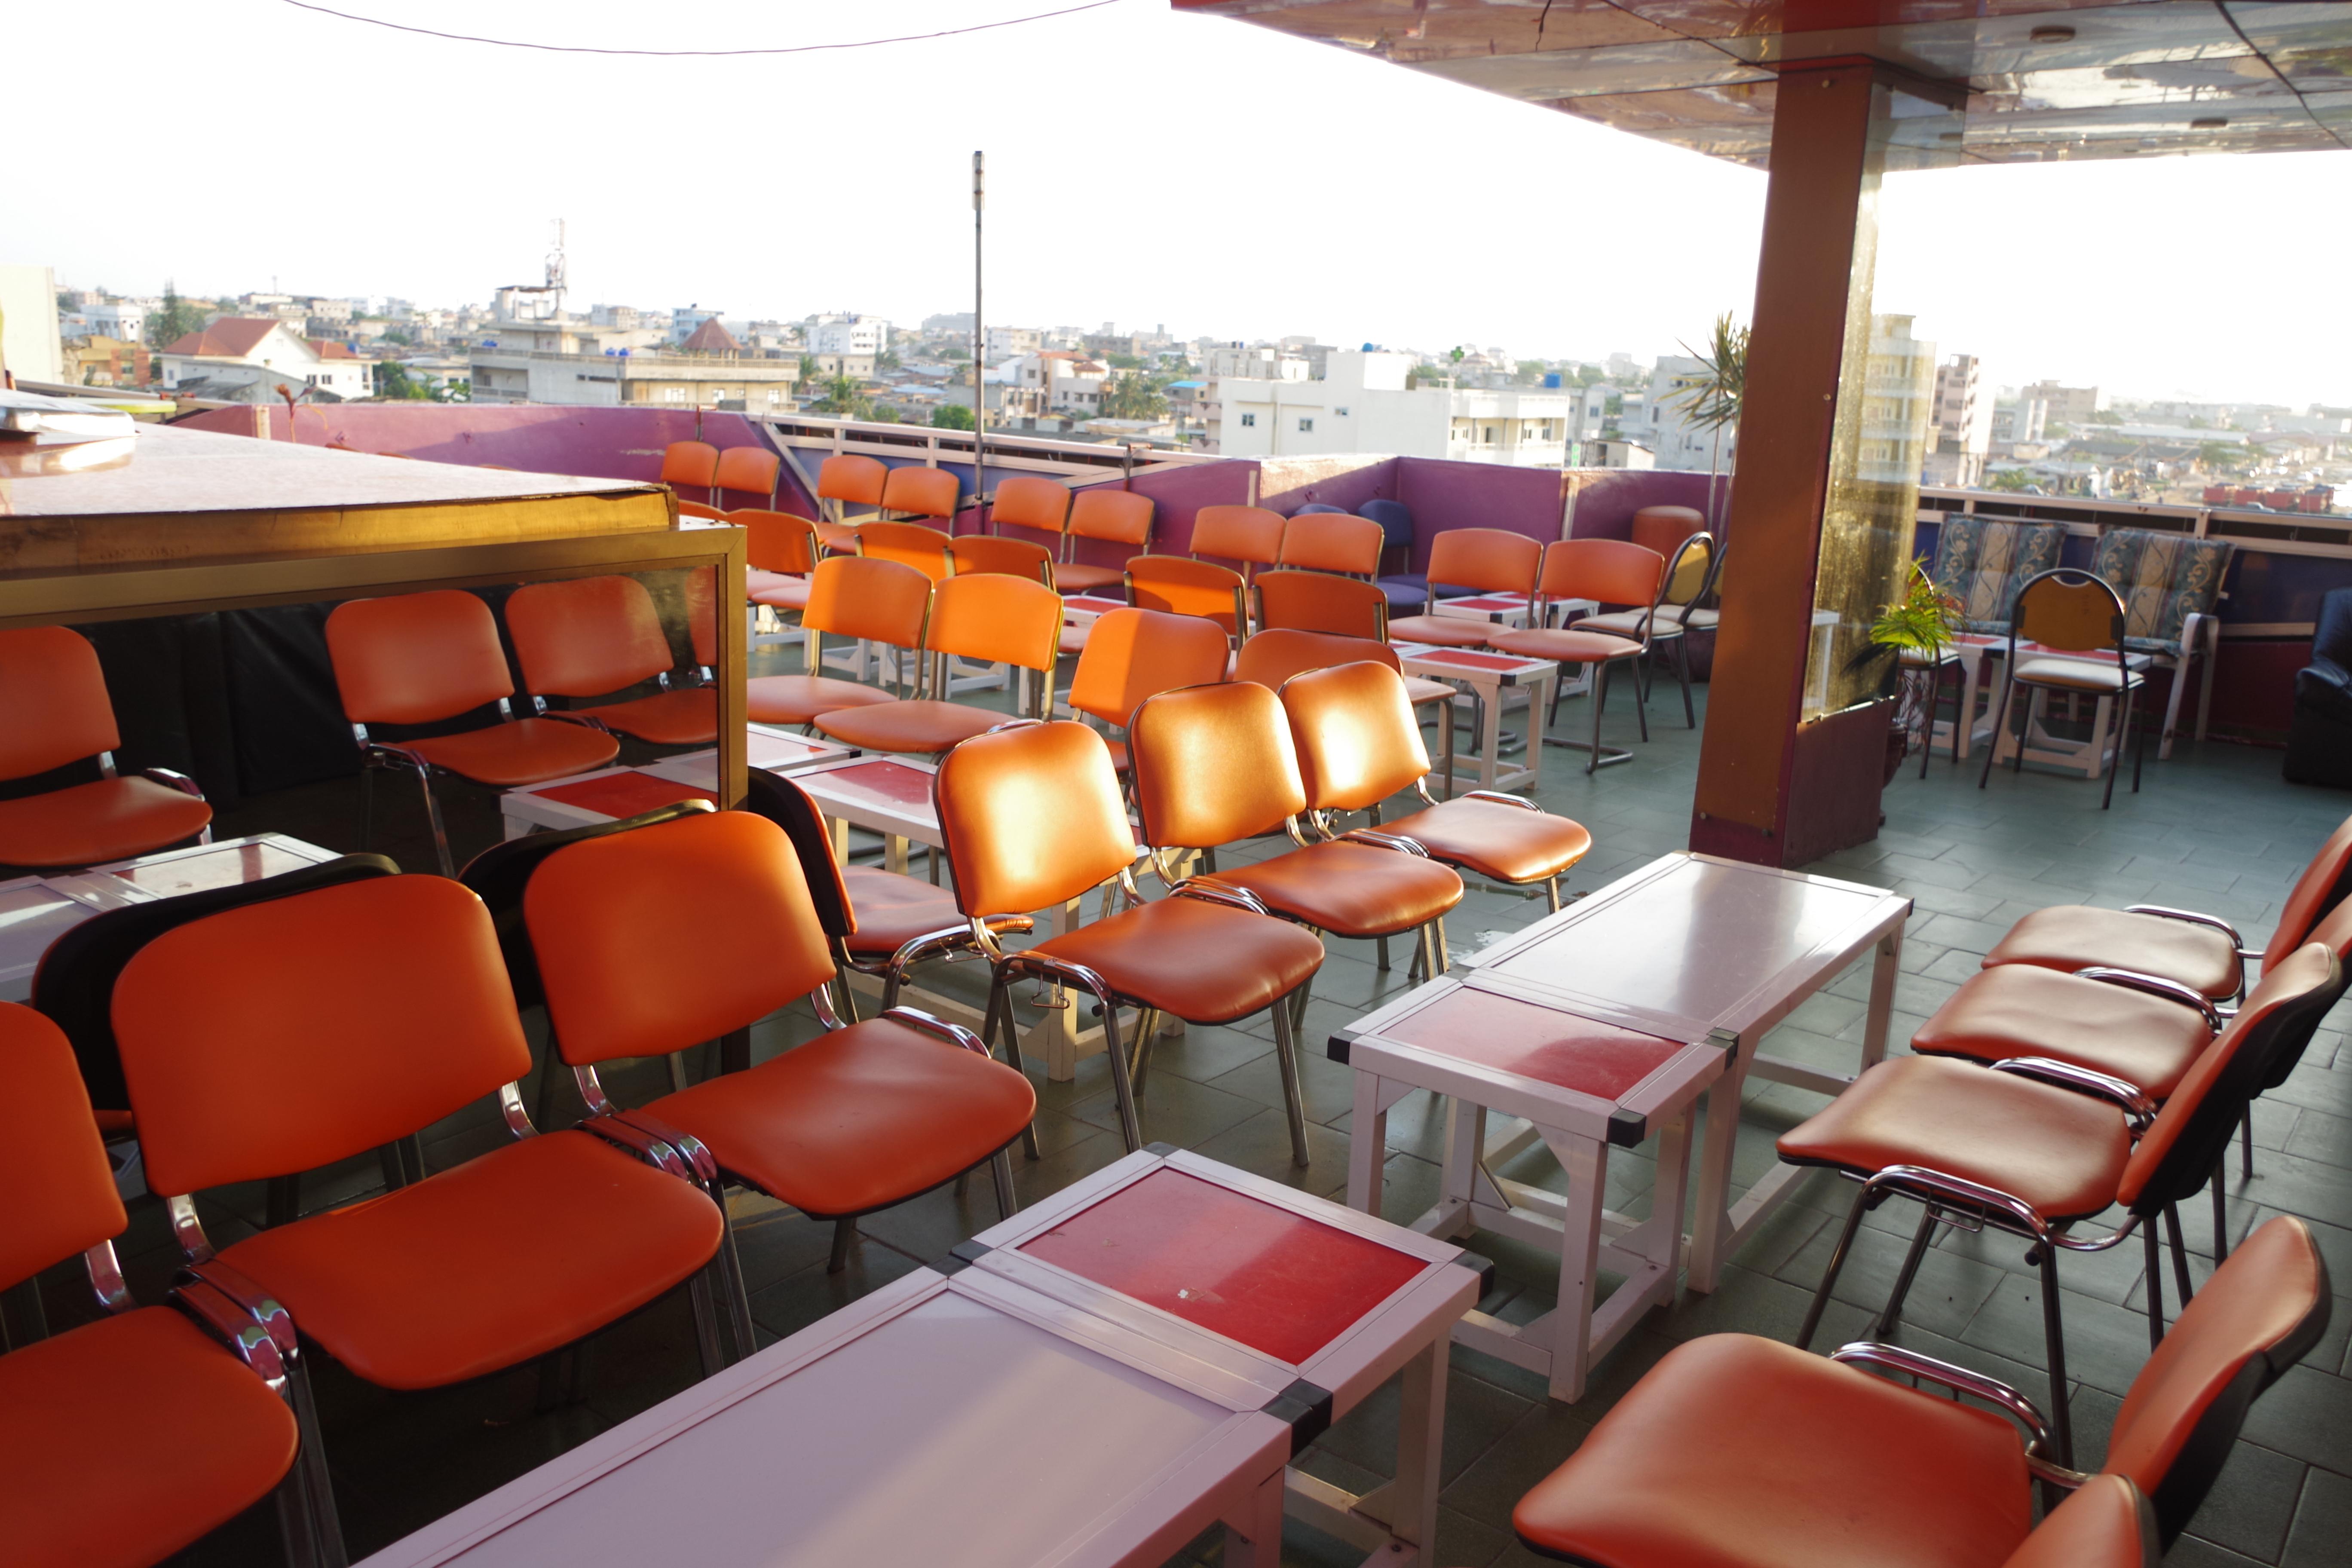 Interieur D Un Bar file:intérieur d'un bar restaurant a cotonou bénin2